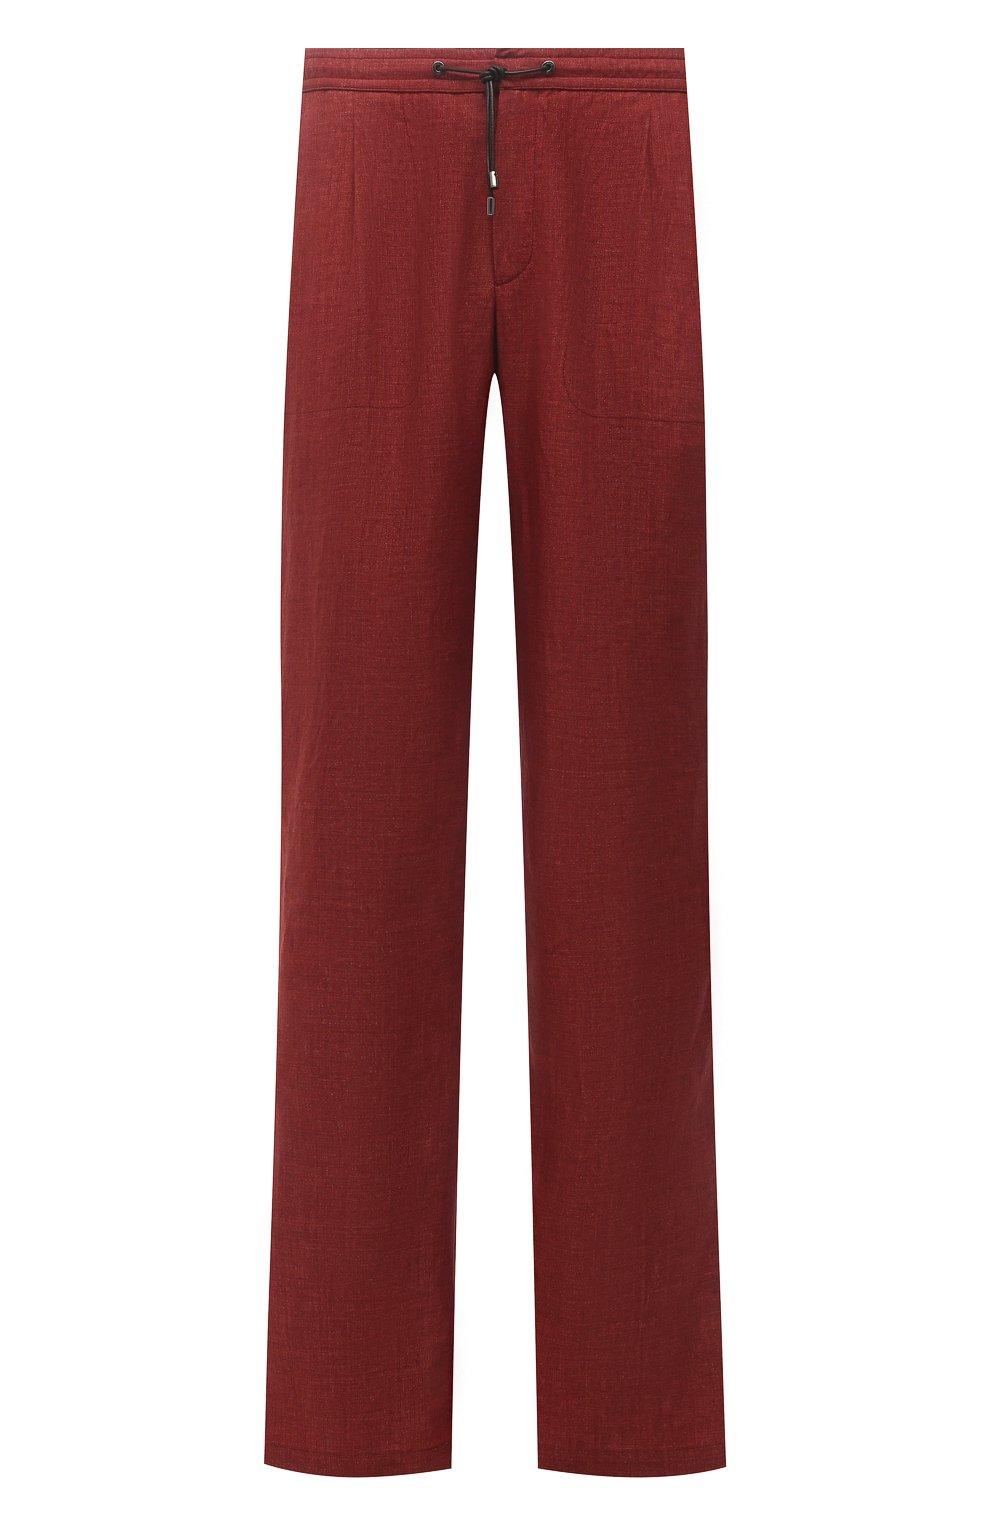 Мужские льняные брюки BRIONI бордового цвета, арт. RPMJ0M/P6114/NEW JAMAICA | Фото 1 (Длина (брюки, джинсы): Стандартные; Случай: Повседневный; Материал внешний: Лен; Стили: Кэжуэл)